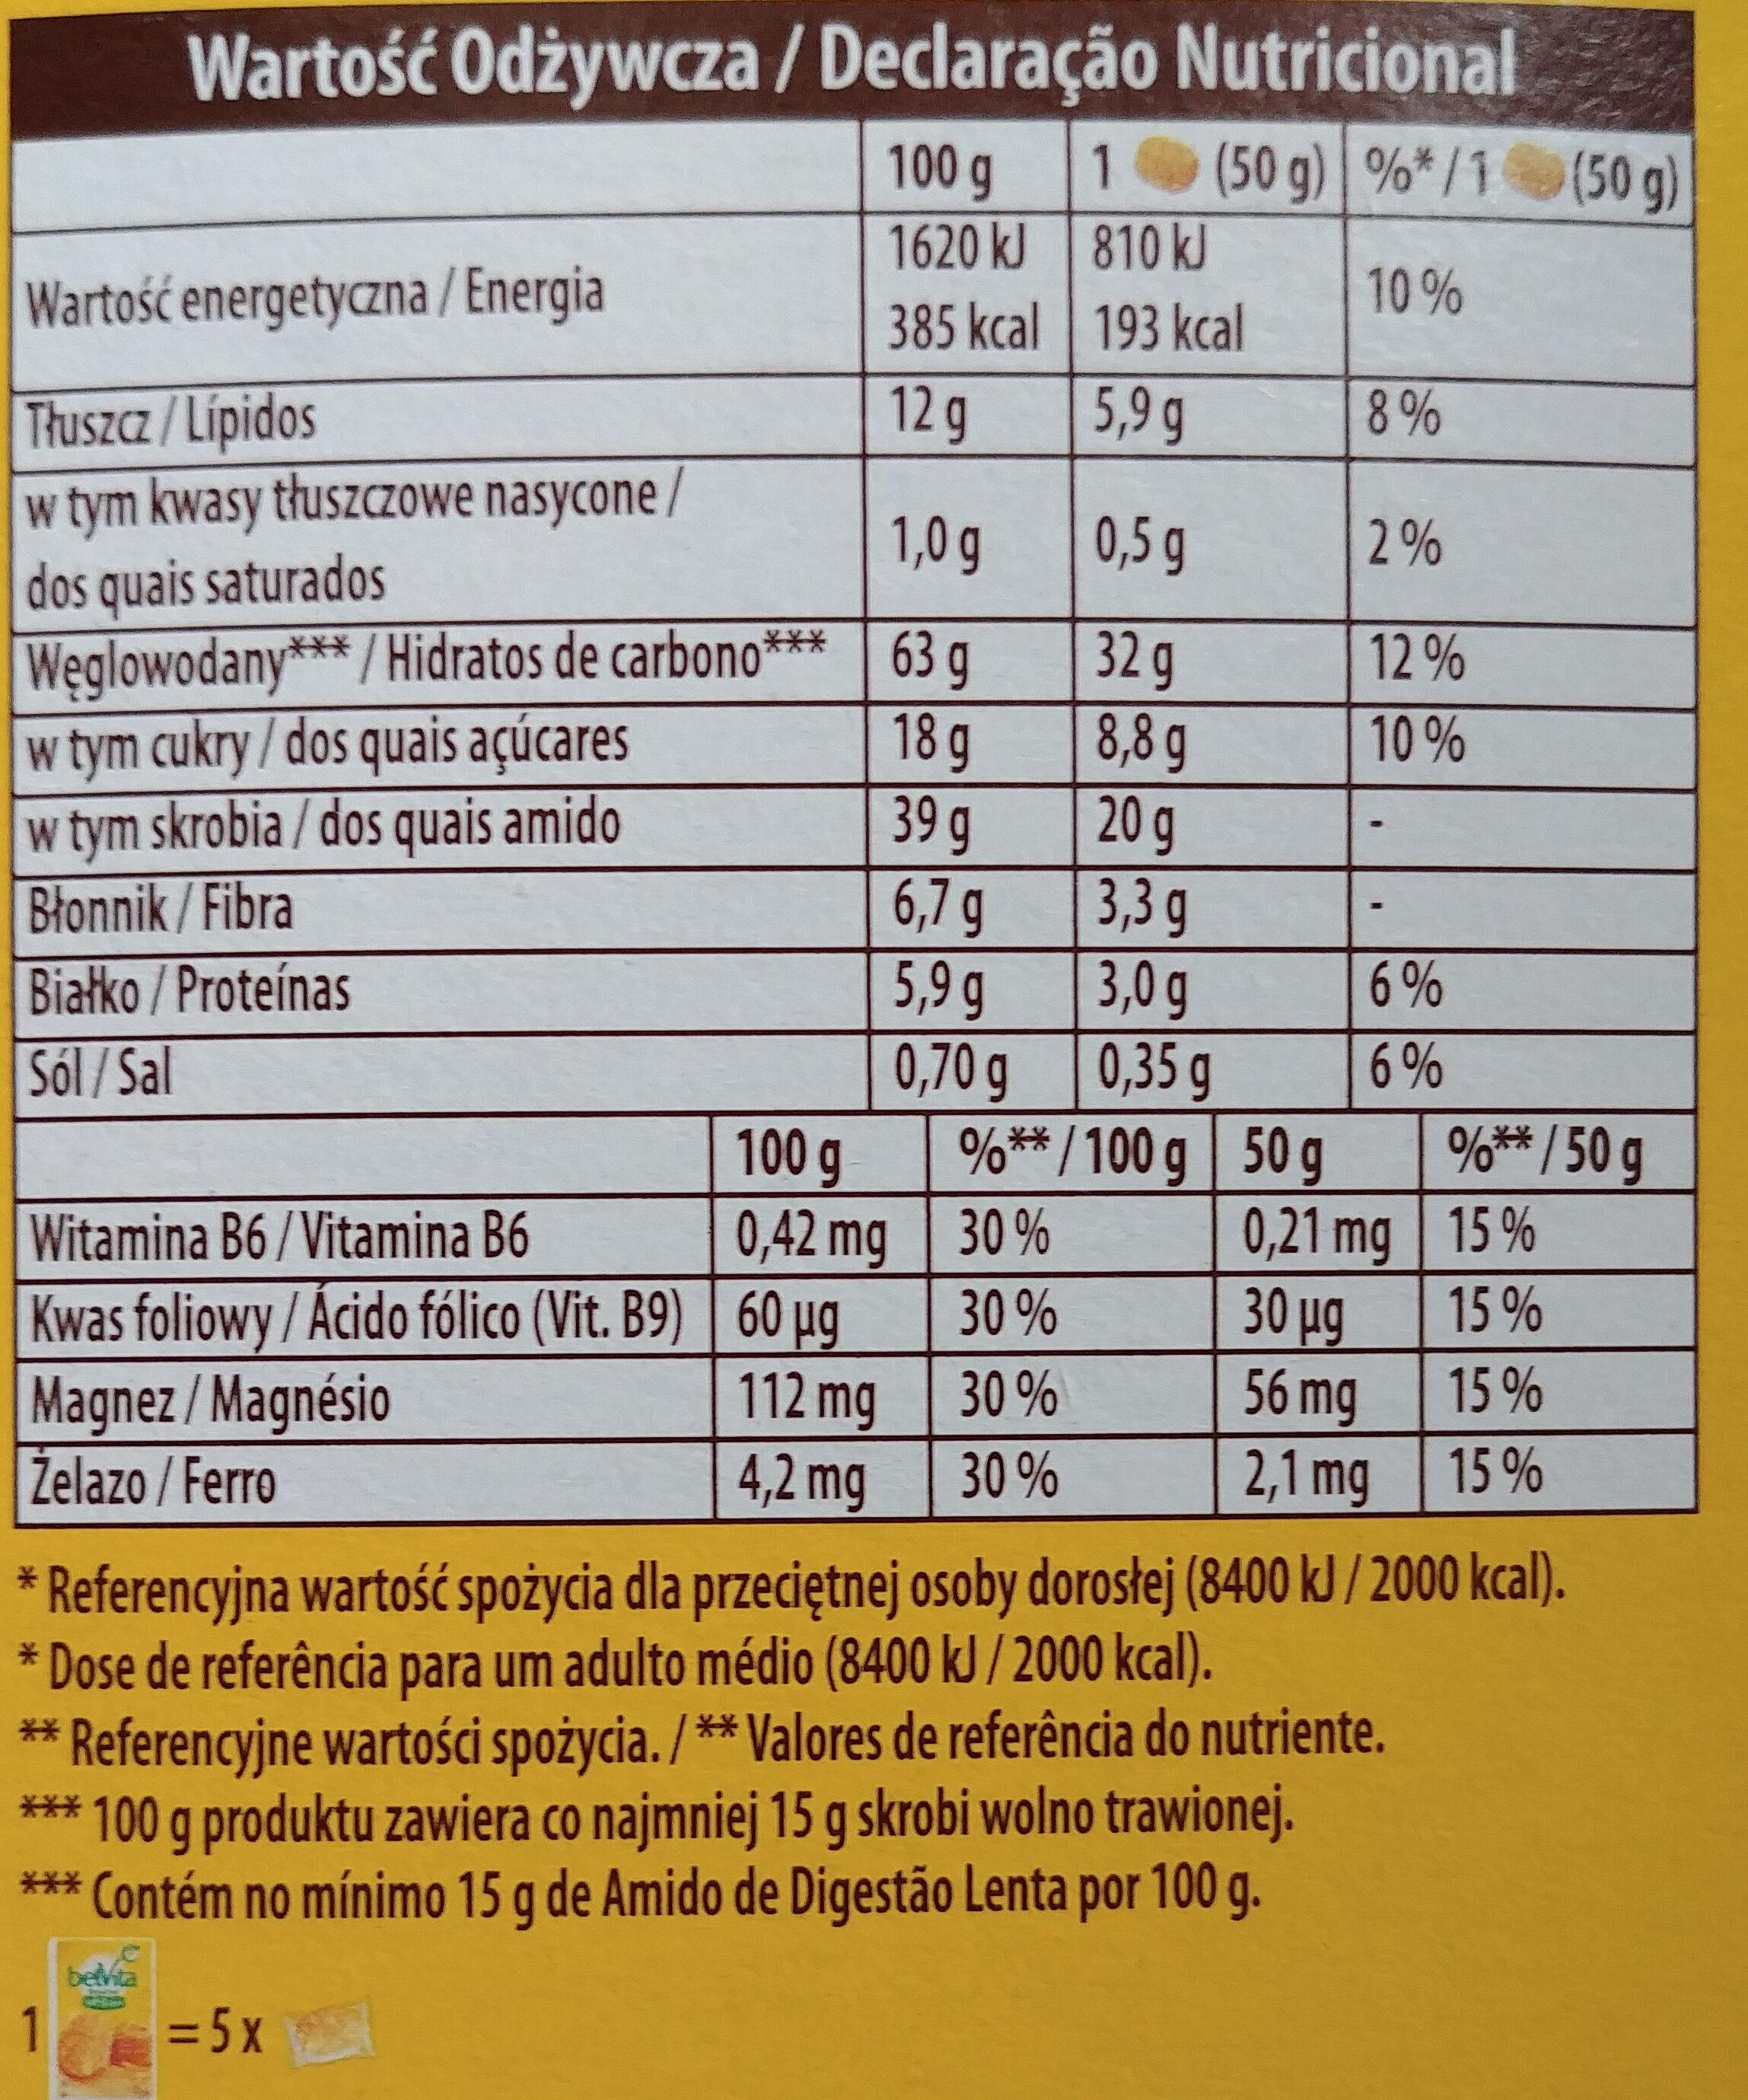 Bolacha de cereais enriquecida com ferro, magnesio, vitaminas B6 e B9. - Wartości odżywcze - pl